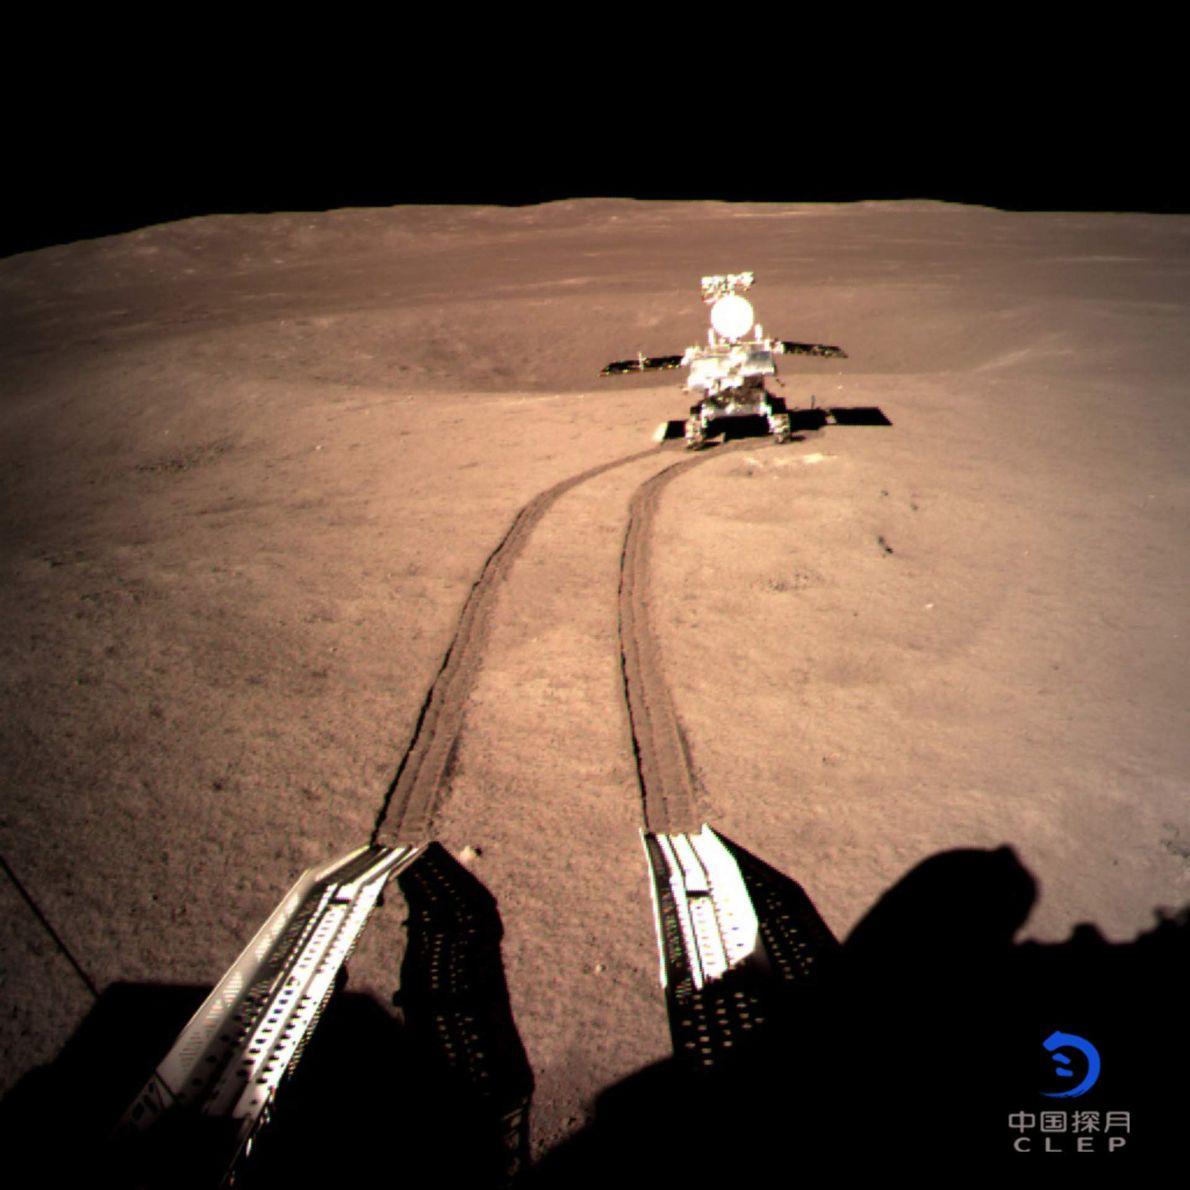 A sonda lunar chinesa Chang'e 4 transportou o rover Yutu-2 que, nesta imagem, deixa marcas no ...